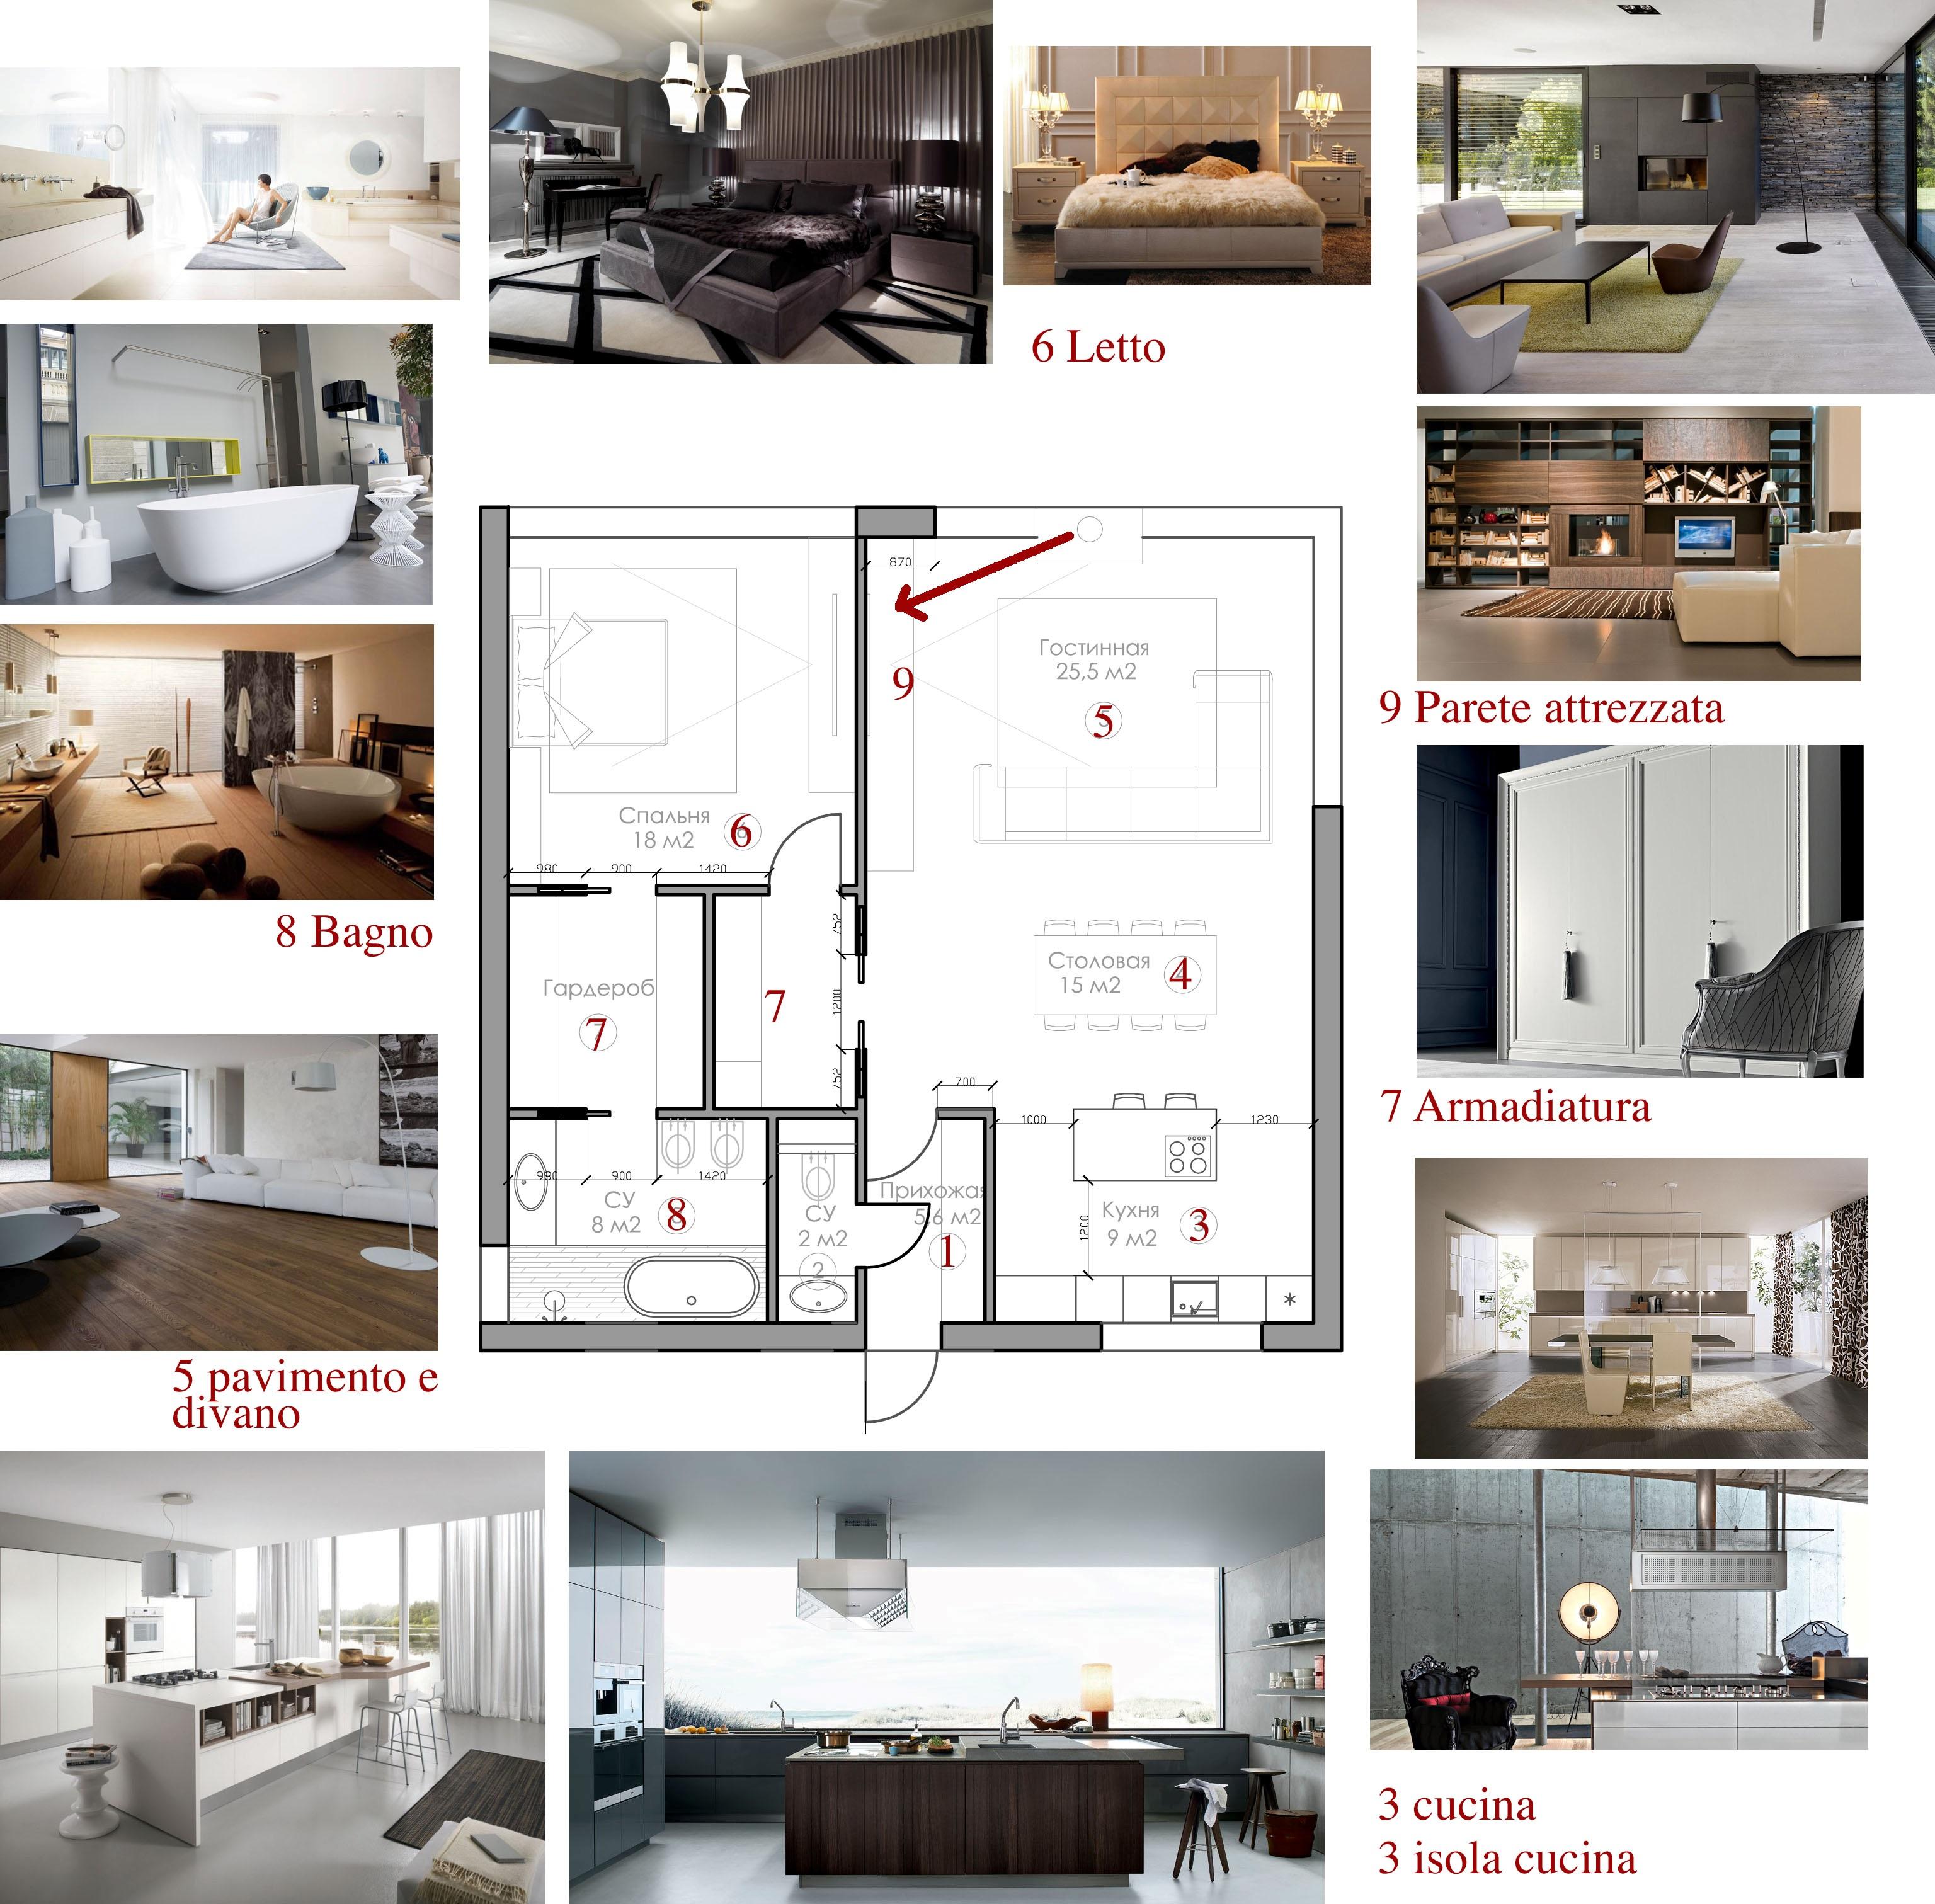 Render per villa esempio di progetto d 39 arredo online for Esempi di arredamento interni